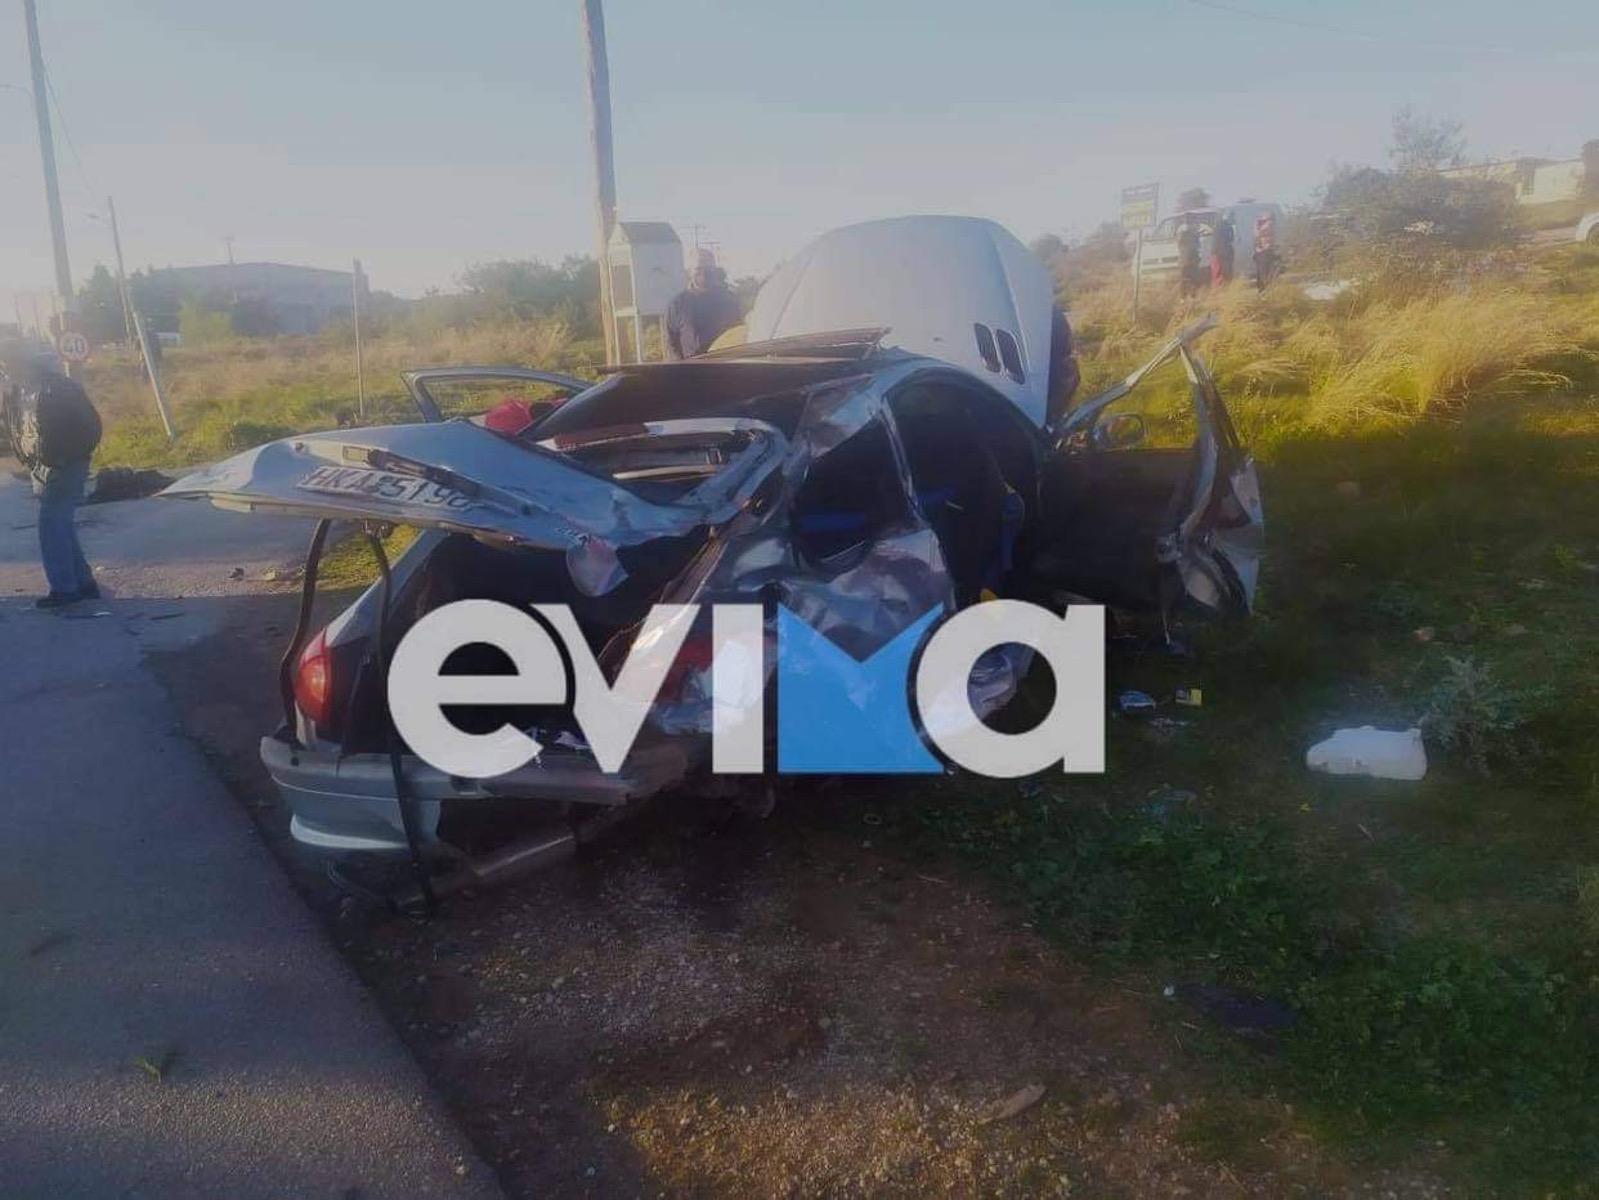 Χαλκίδα: Σοκαριστικό τροχαίο στη Δροσιά – Στο νοσοκομείο δύο τραυματίες (pics)